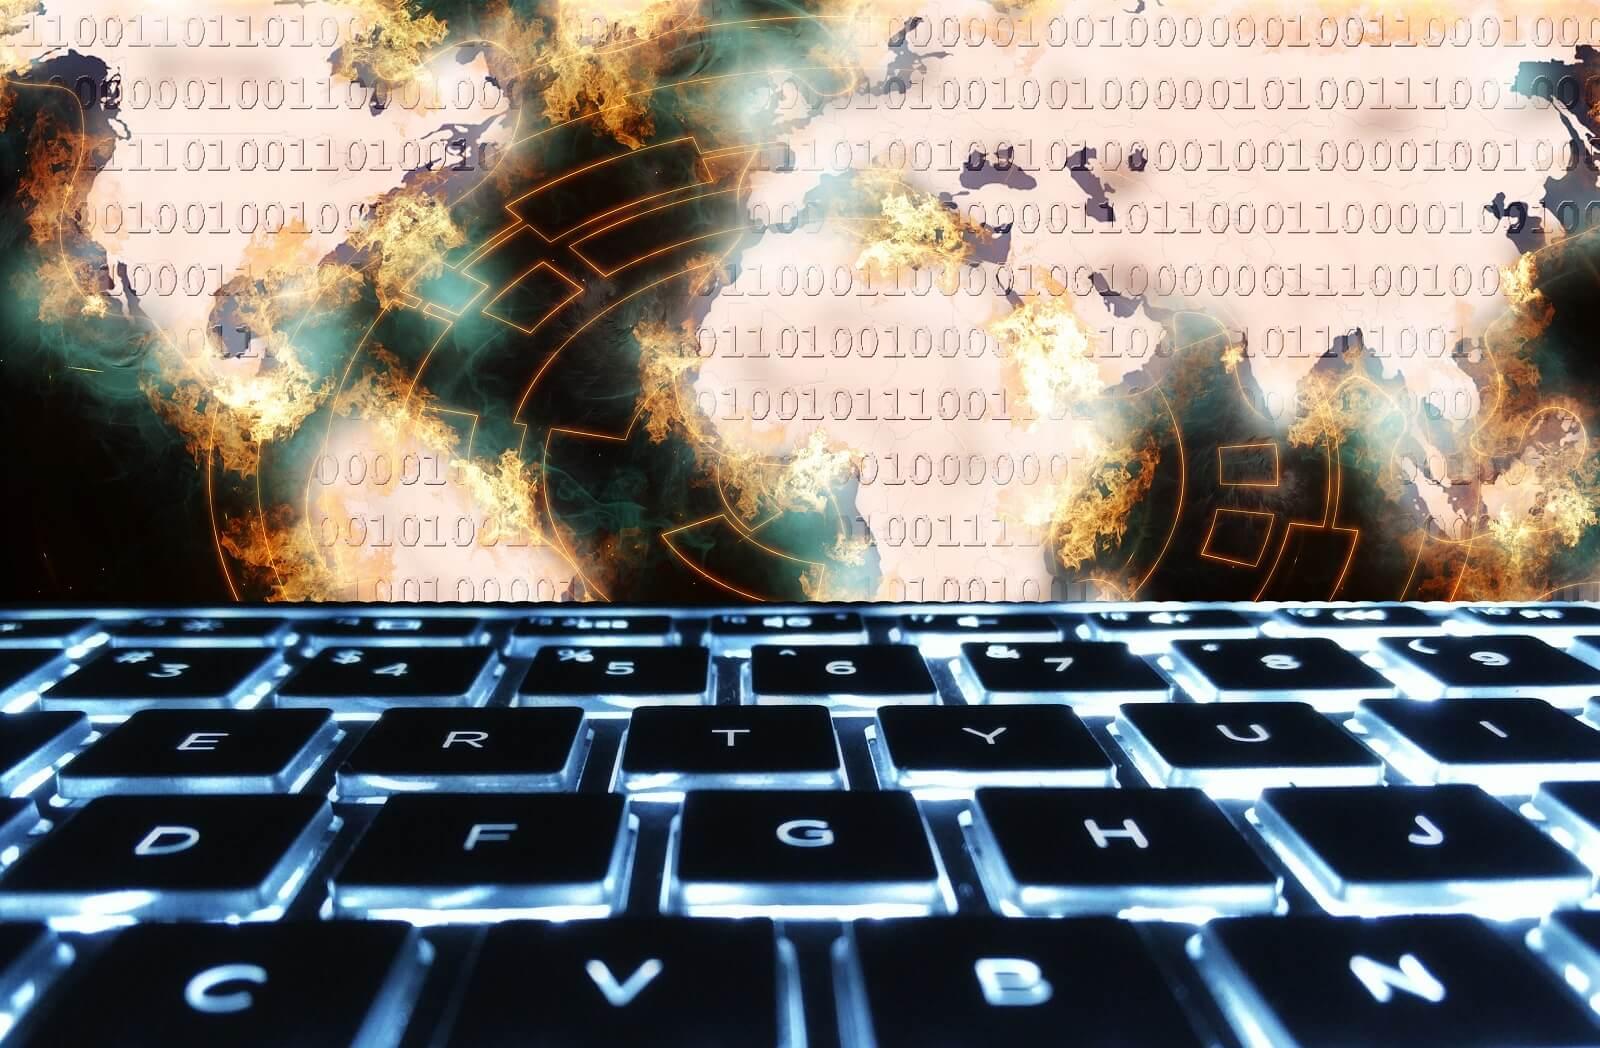 رمزنگاری کوانتومی با سرعت بالا میتواند به امنیت اینترنت در آینده کمک کند